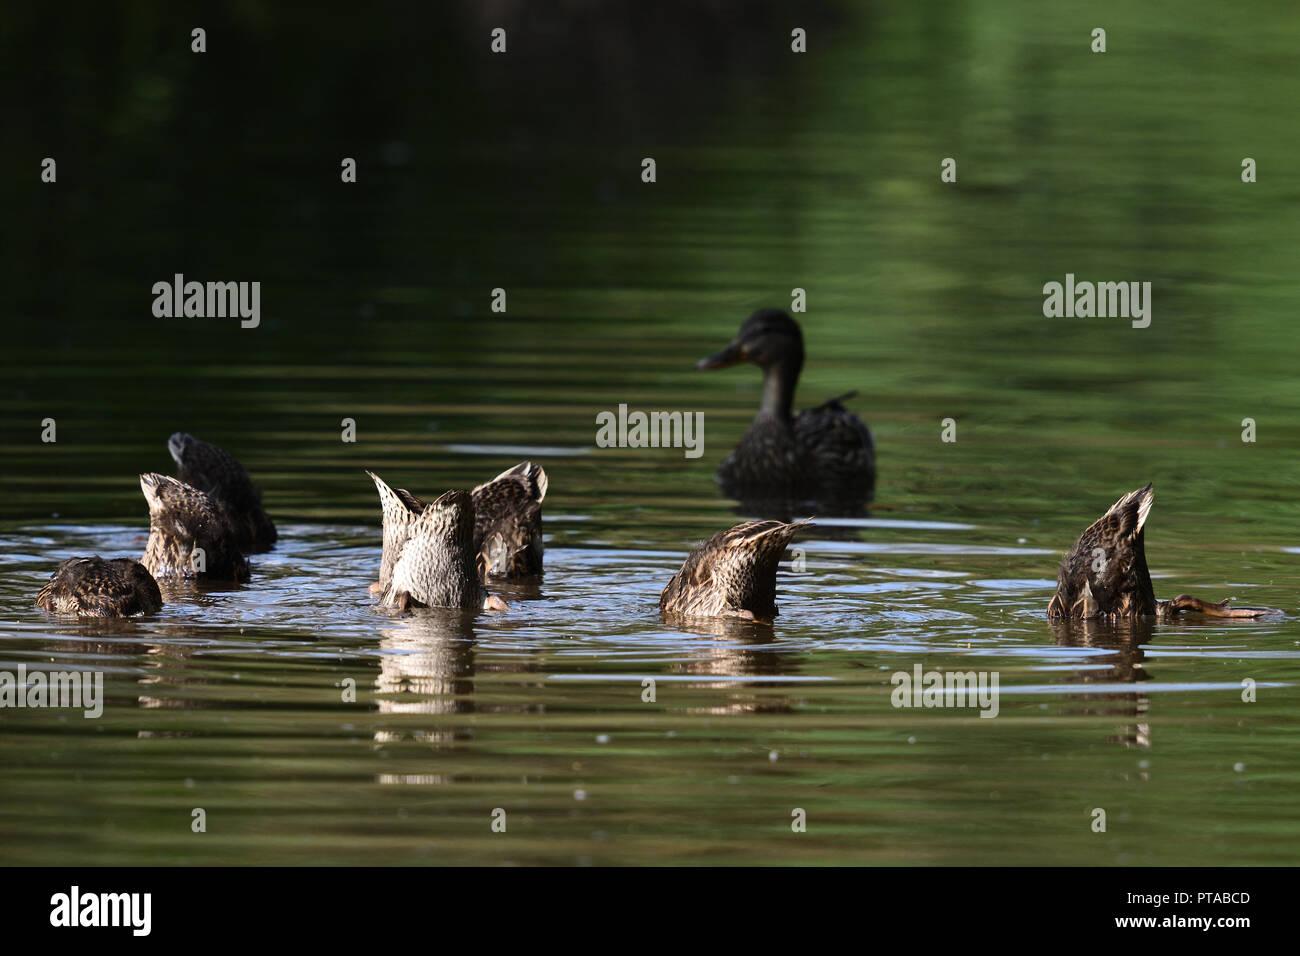 Die fast erwachsenen Entenkueken werden bei ihrer Futtersuche noch von der Mutter bewacht -the young ducks are still guarded at foraging by her mother - Stock Image